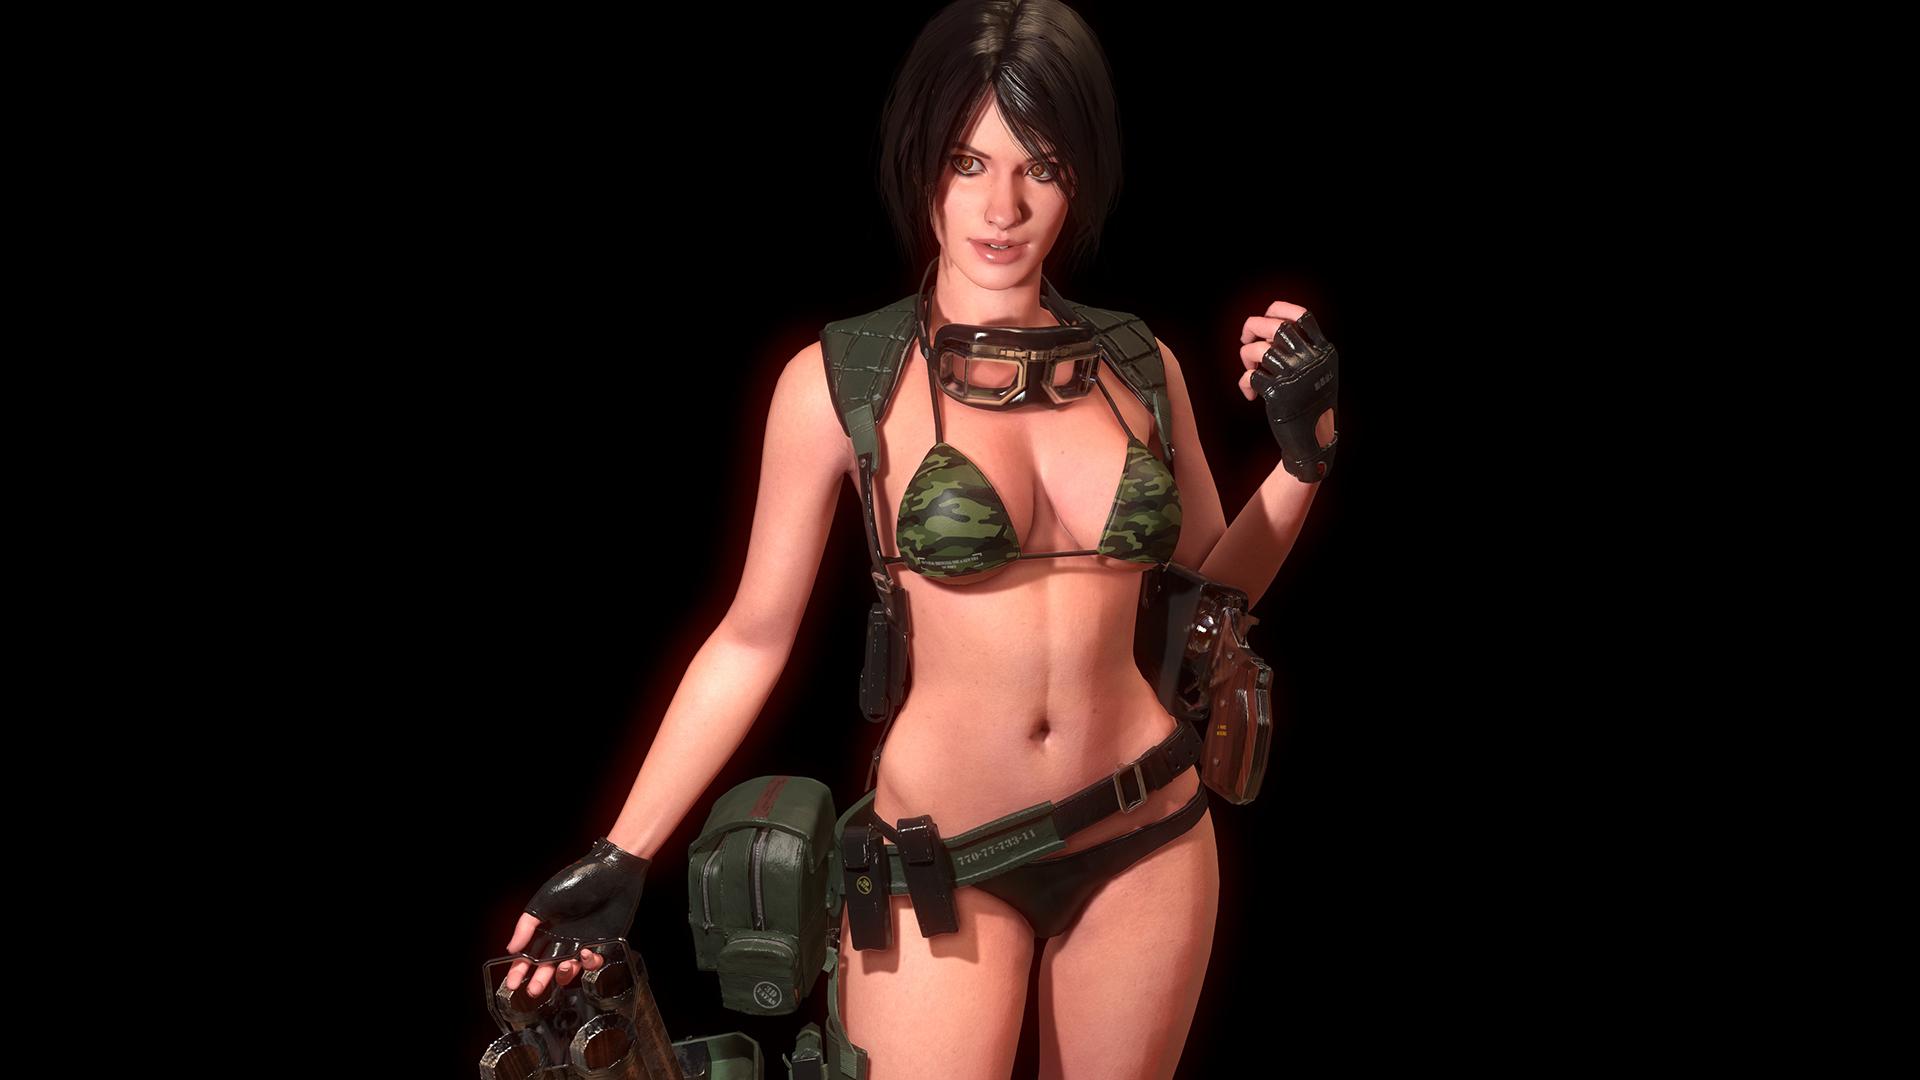 Процесс создания 3D модели девушки